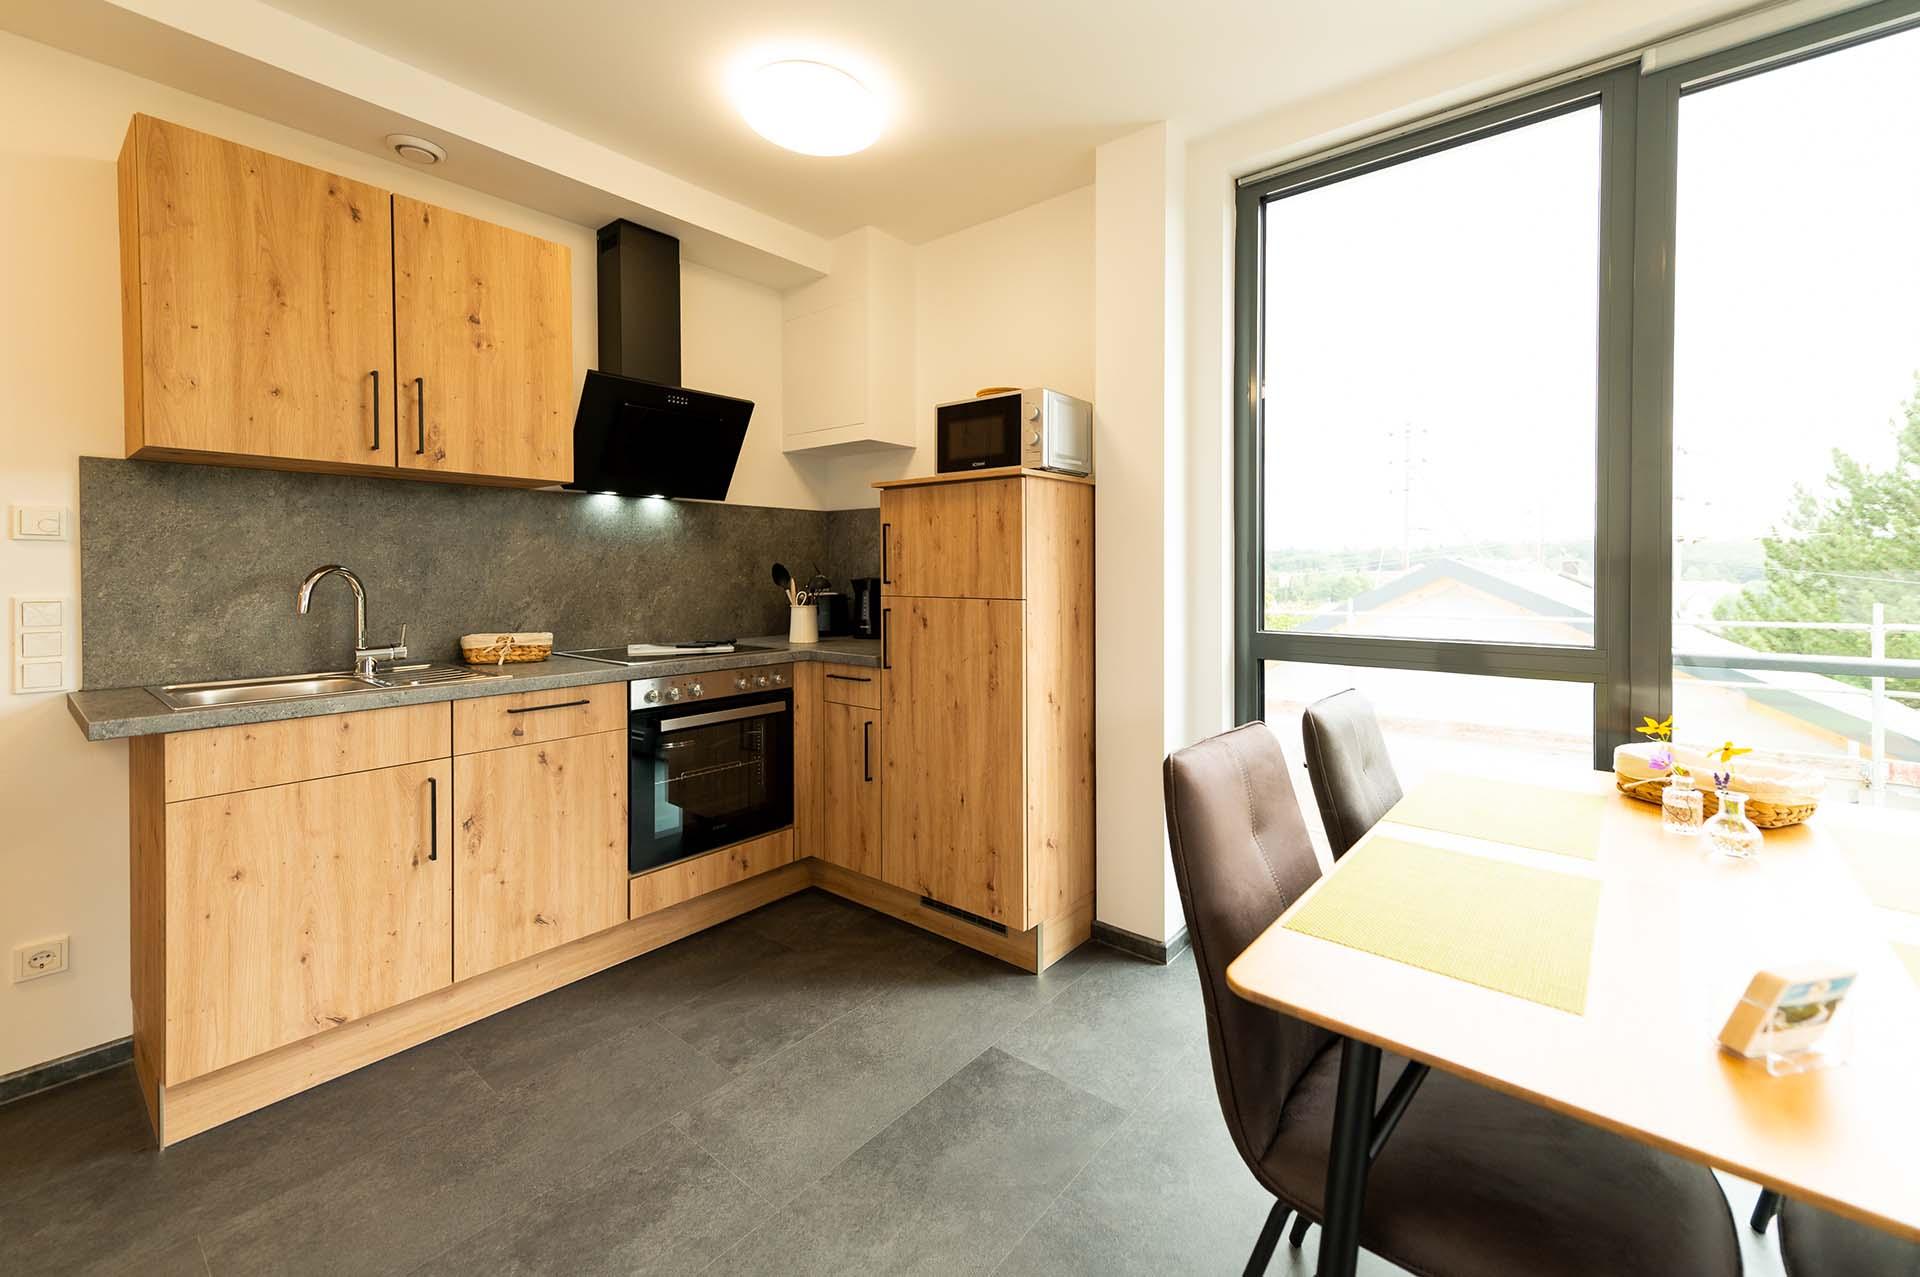 appartement-baumwipfelpfad-saarschleife-kueche-essbereich-panorama